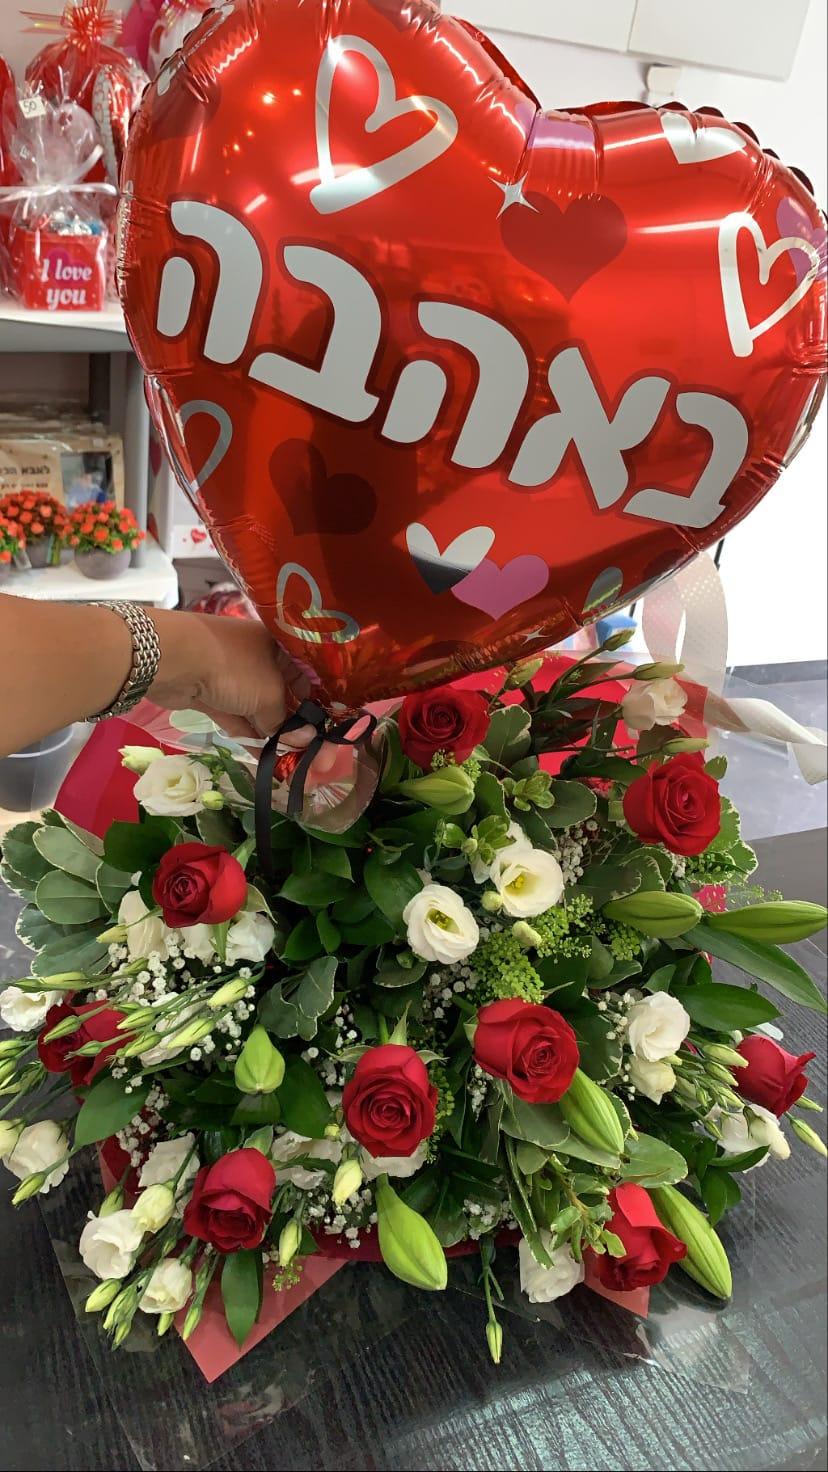 ורדים וליזי לבן ובלון באהבה - פרח באהבה - אילת